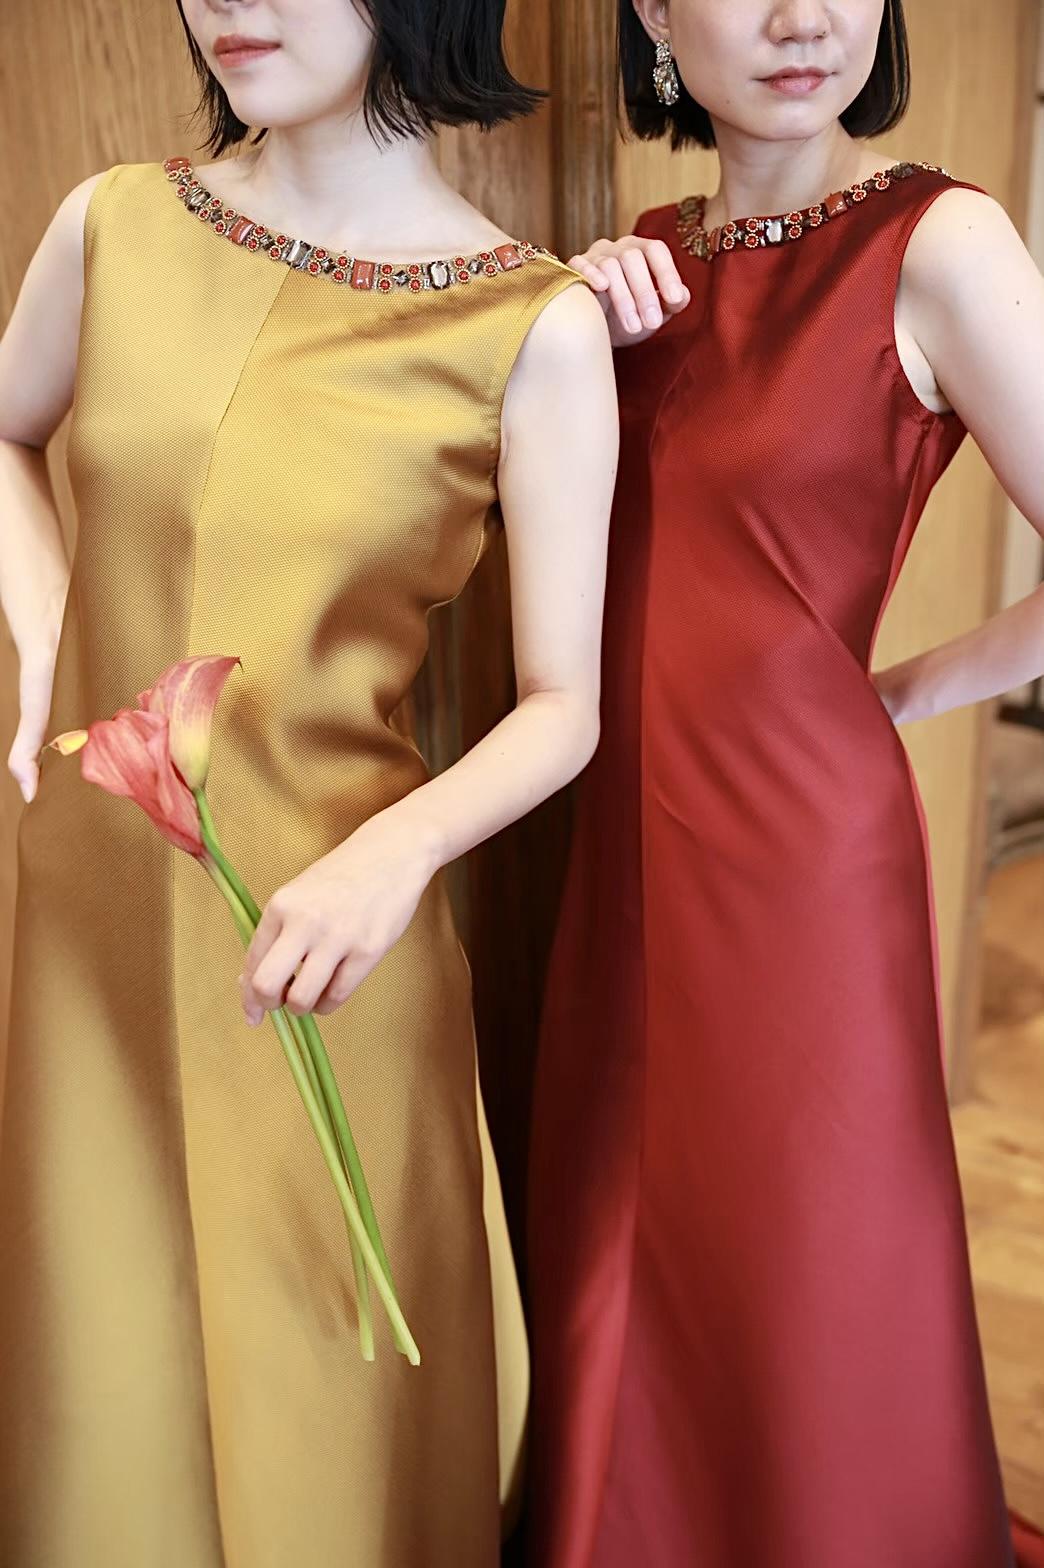 ザトリートドレッシング名古屋店がおすすめする秋冬のパーティーのお色直しにぴったりのREEM ACRA(リームアクラ)のカラードレス